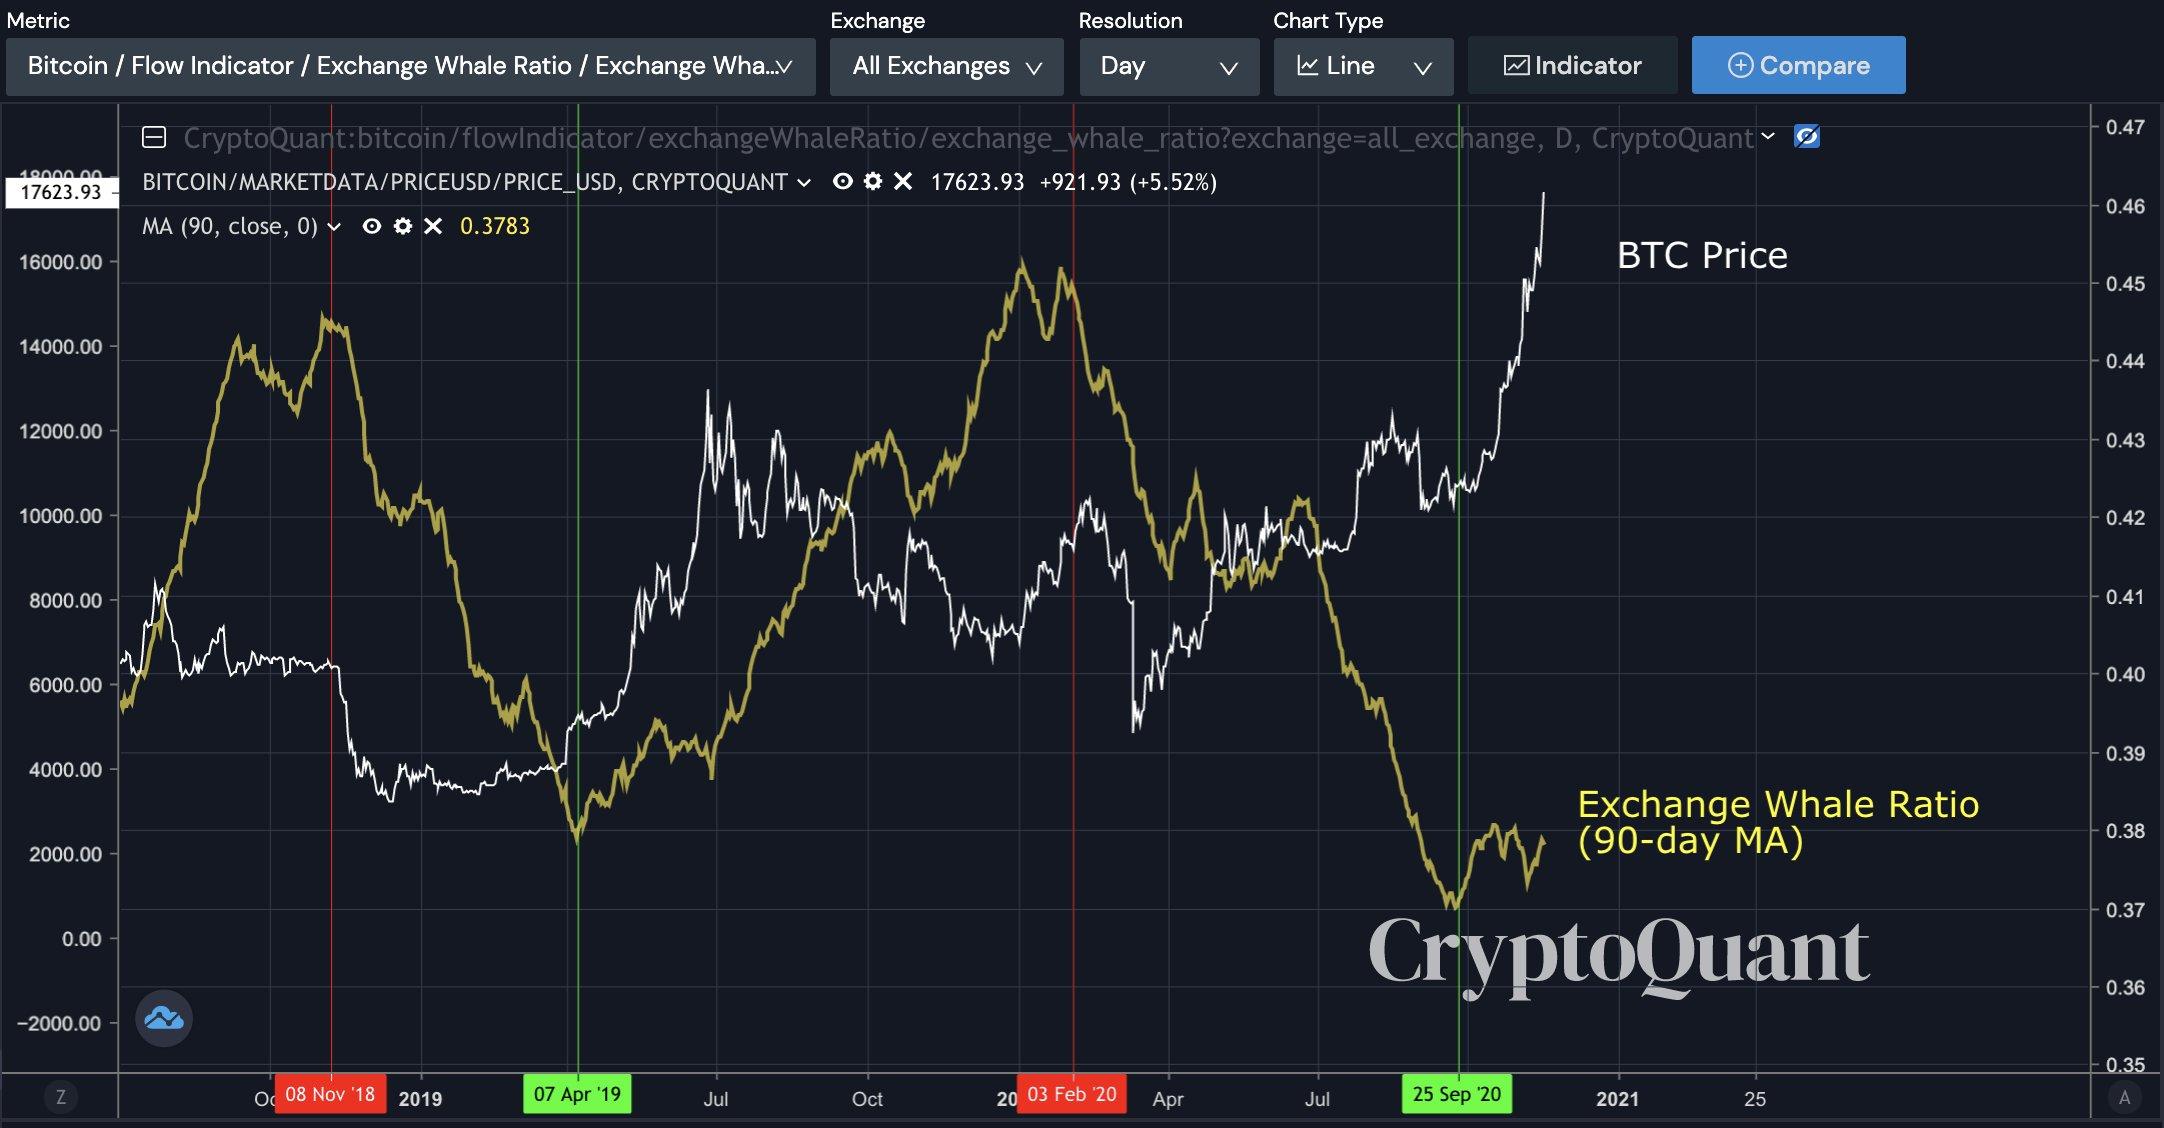 نمودار خرید و فروش بیت کوین